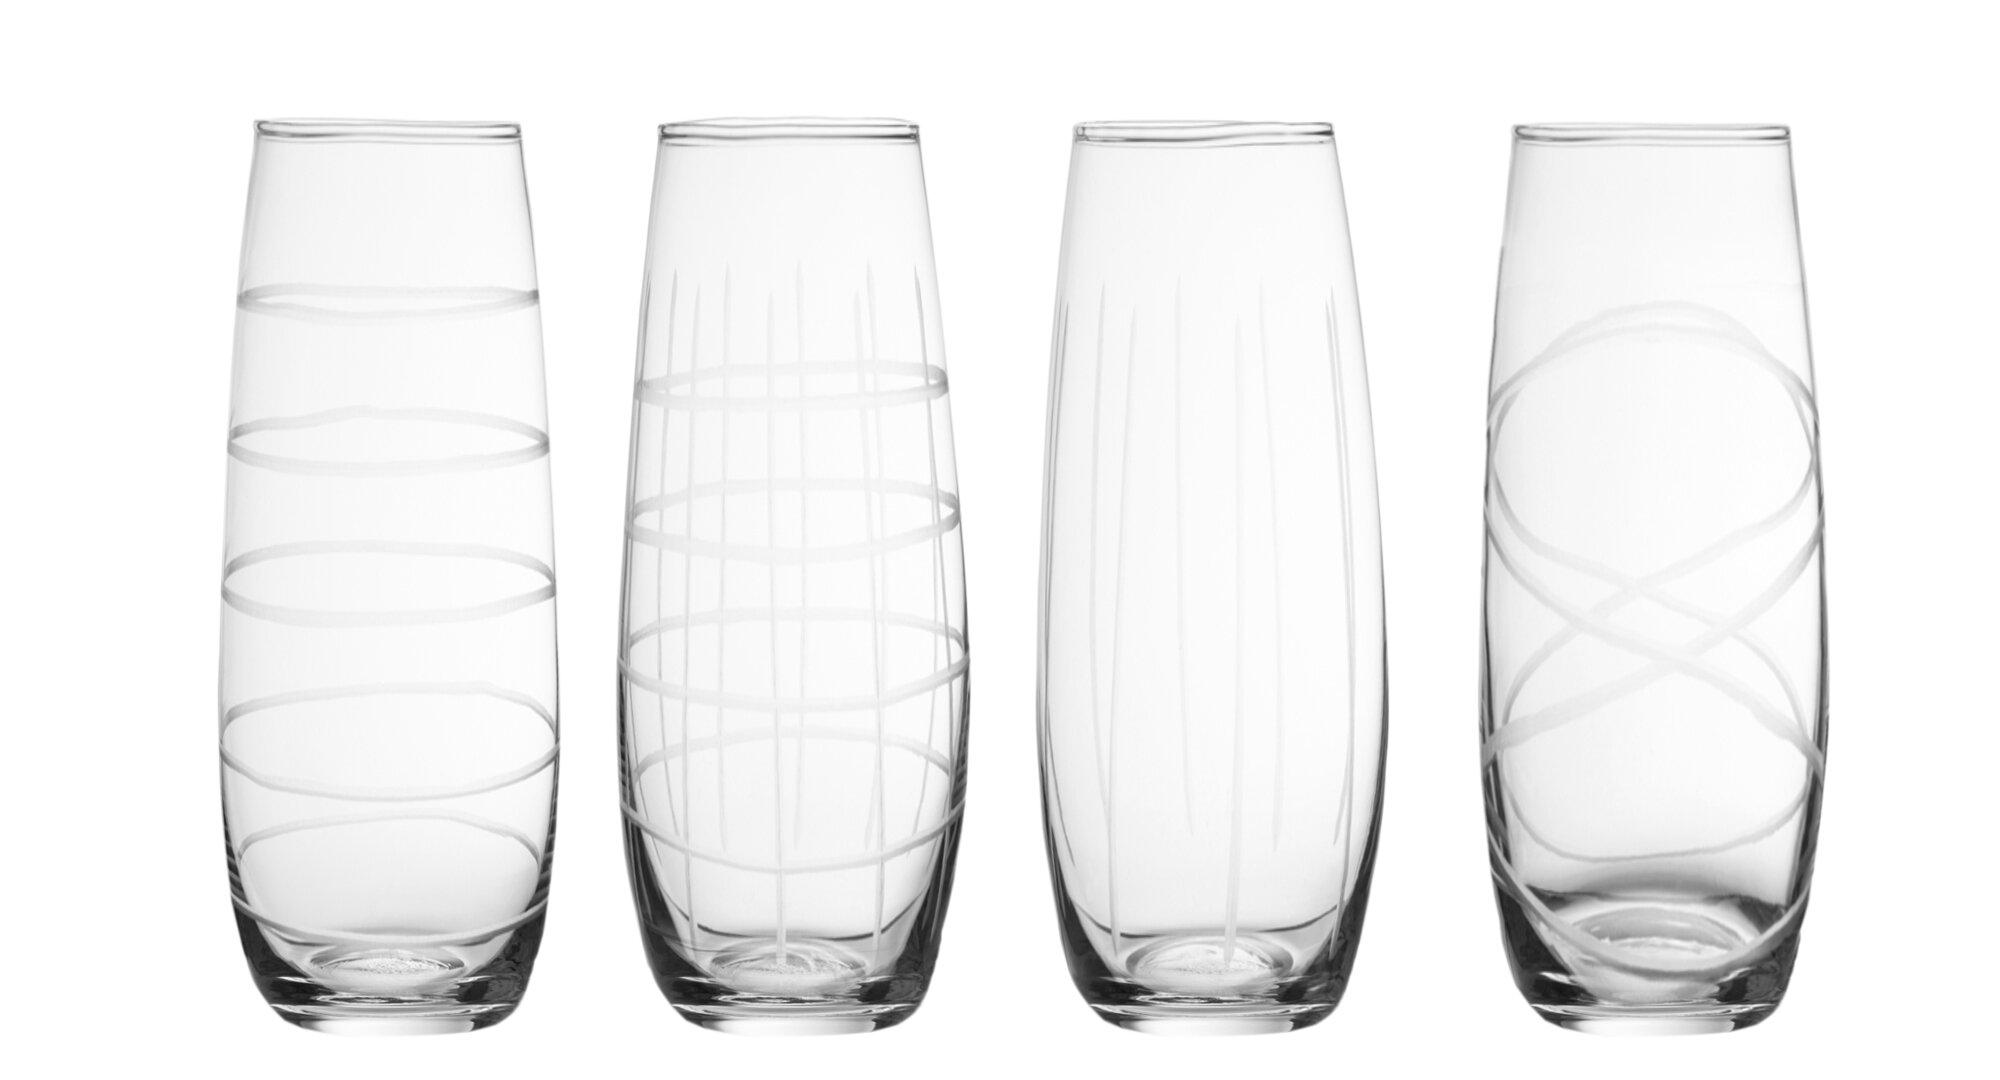 5aac298ebf1 Mayor 4 Piece Stemless Wine Glass Set